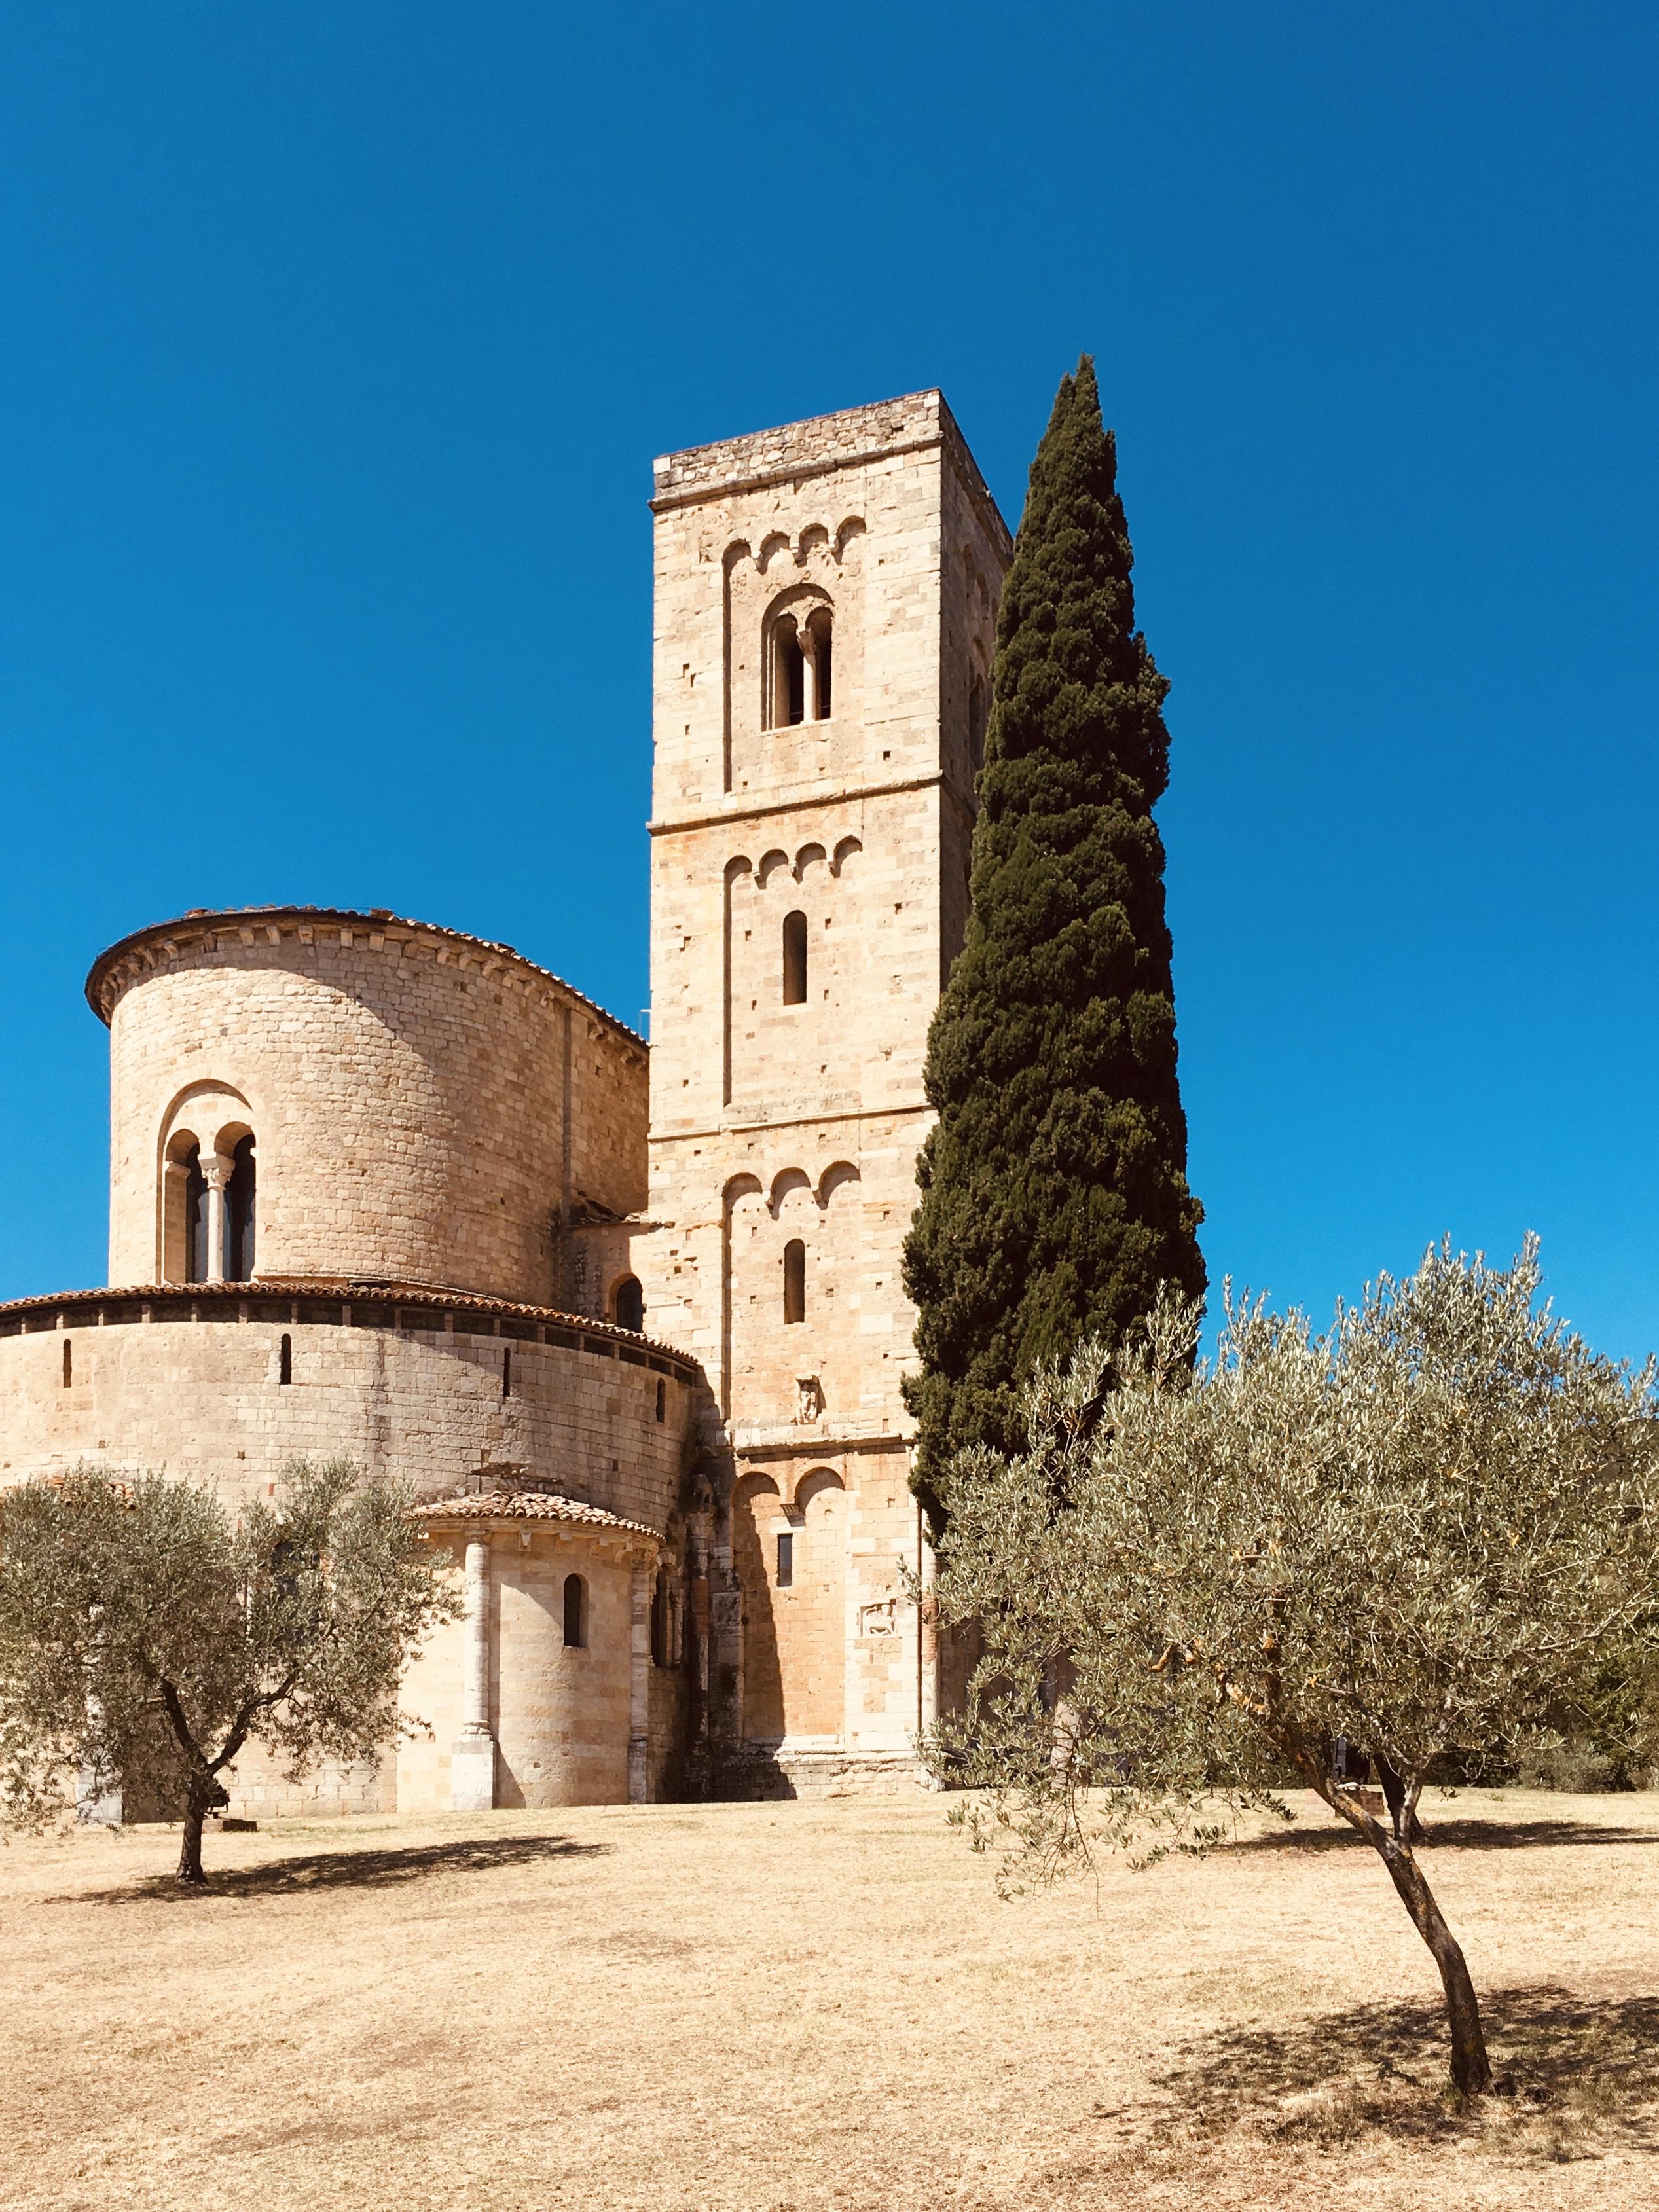 abbazia-sant-antimo-castelnuovo-dell-abate